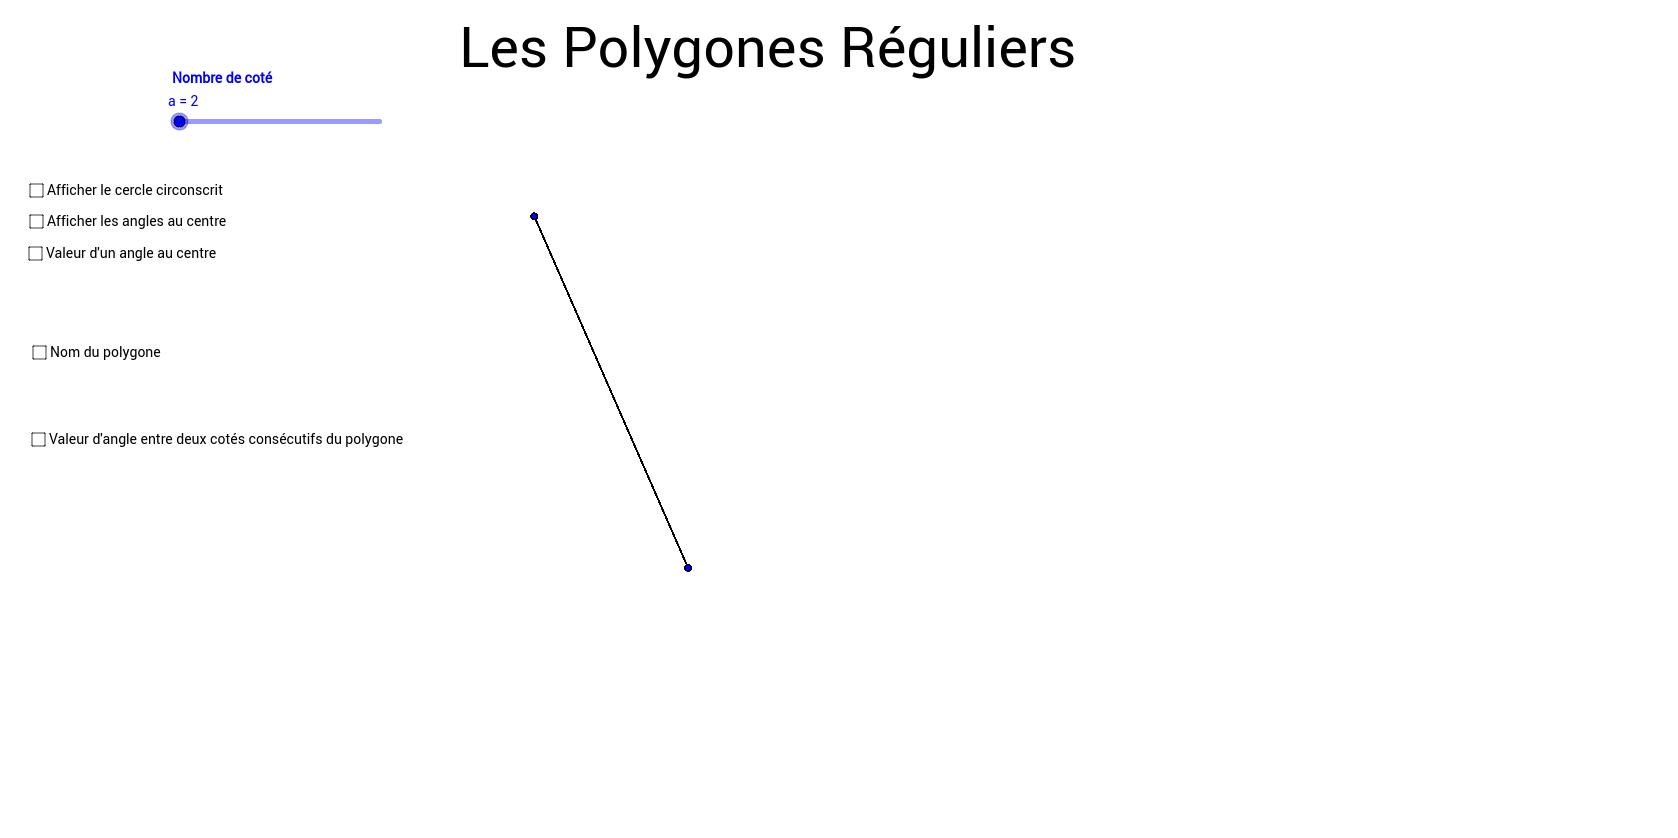 Les Polygones réguliers